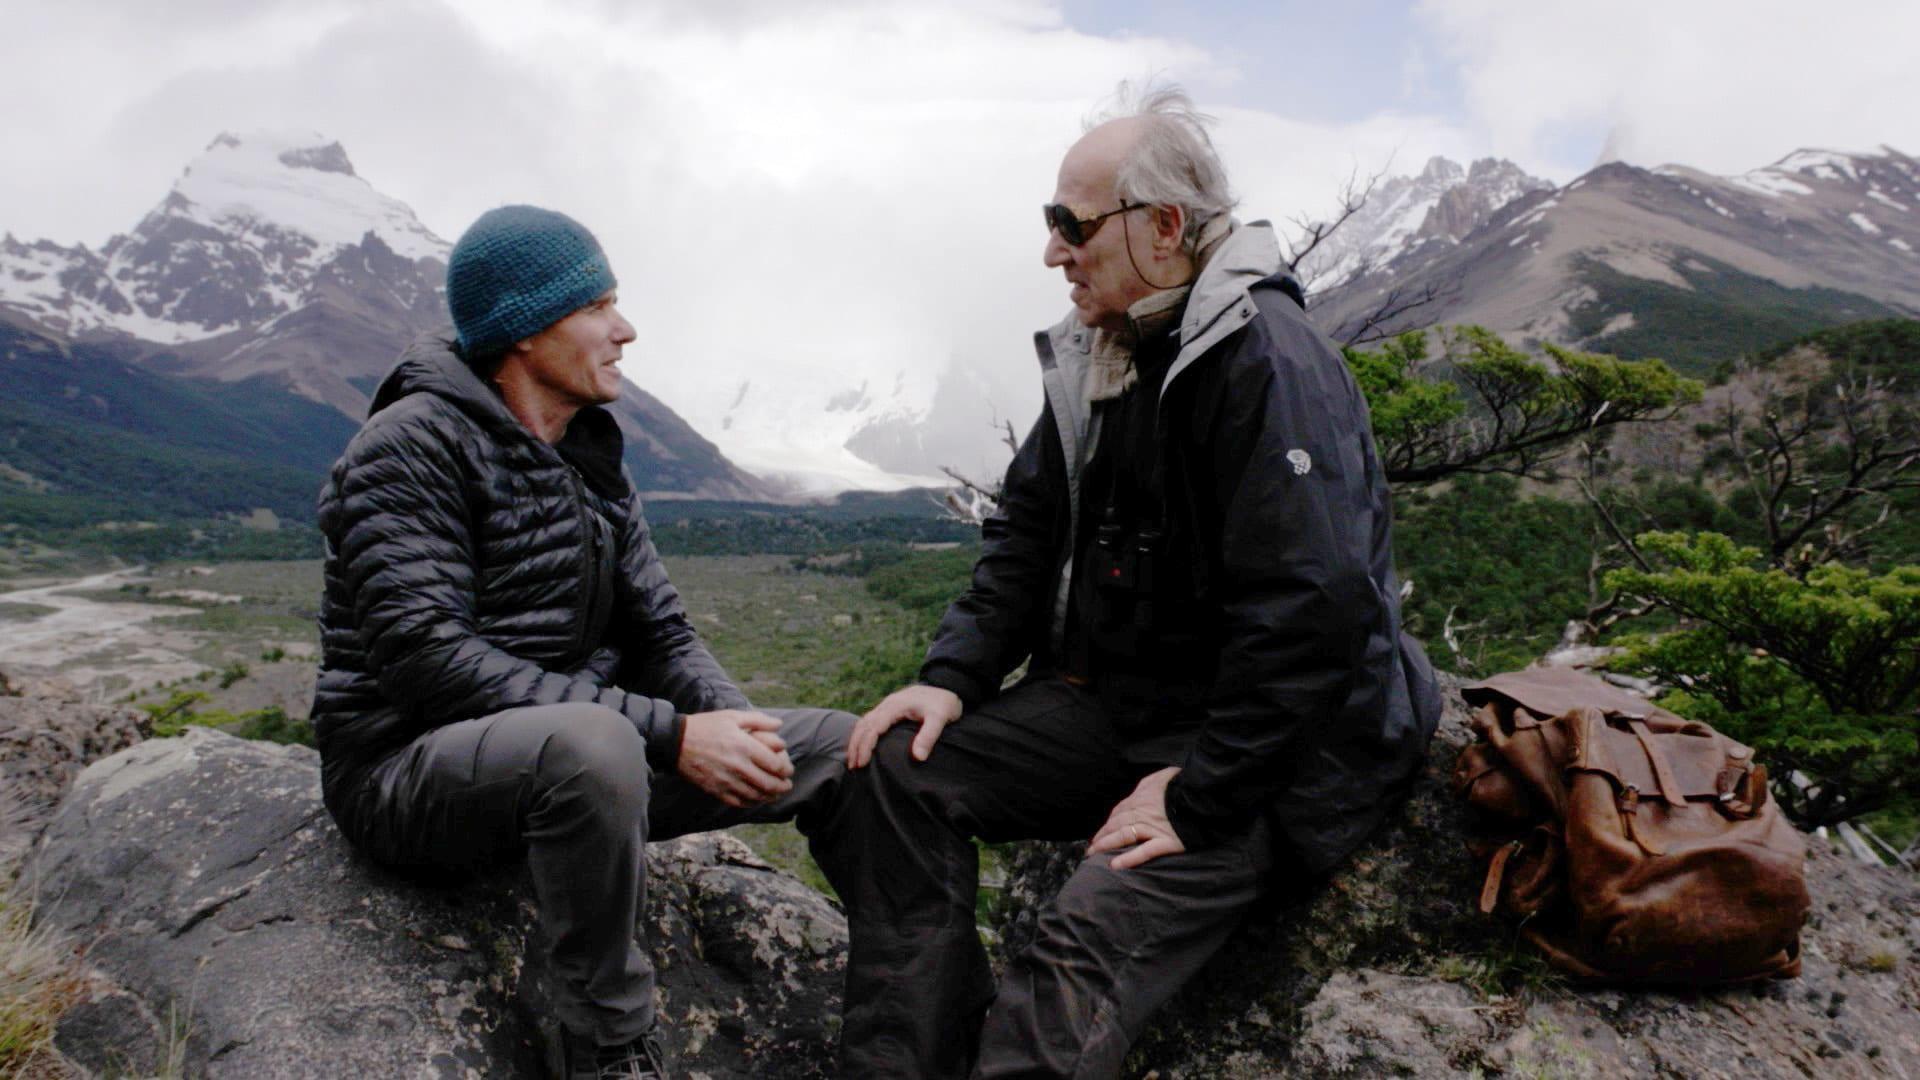 Вернер Херцог снял фильм о своем друге-путешественнике